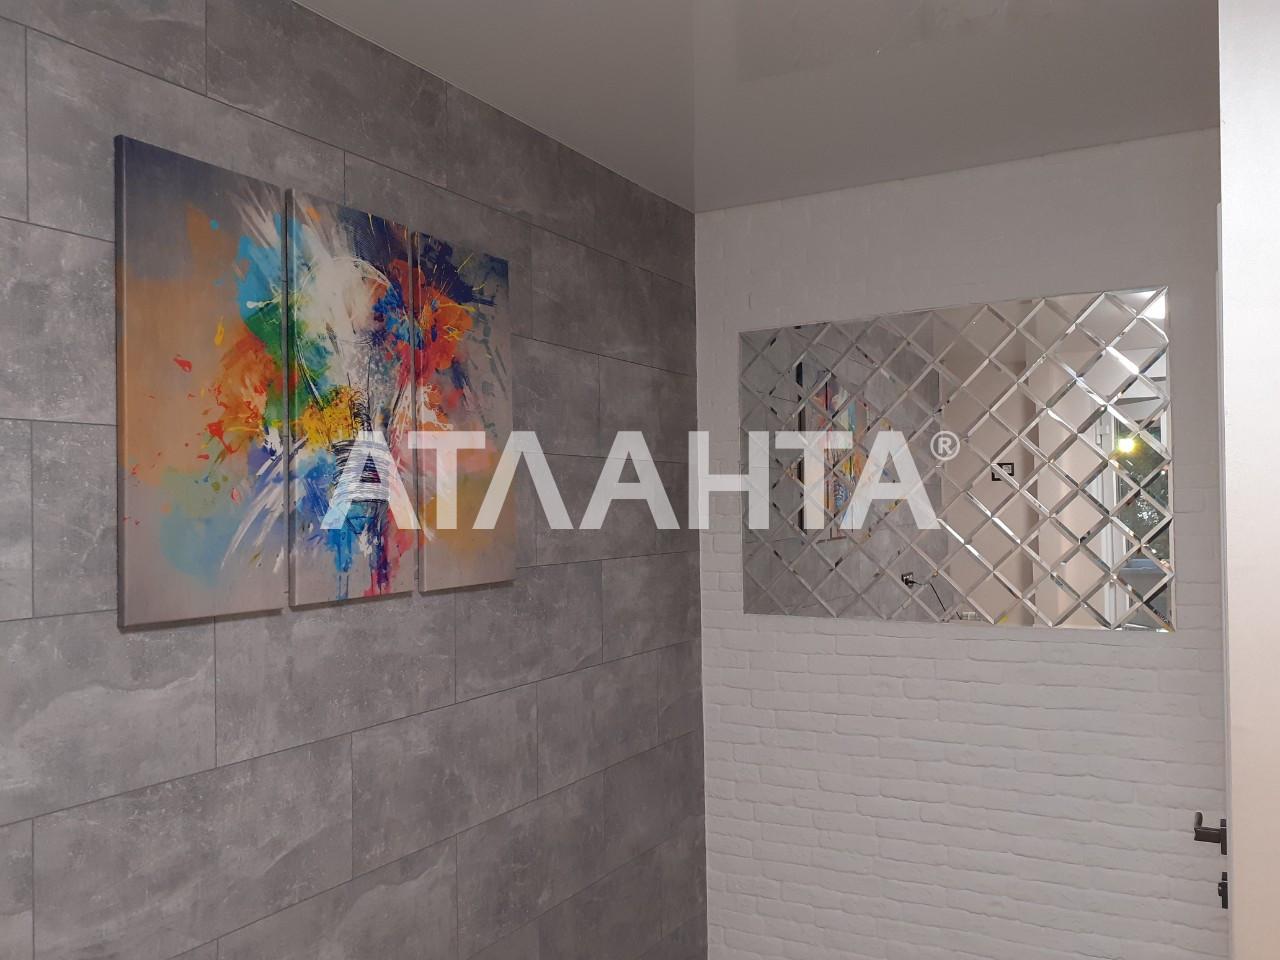 Продается 1-комнатная Квартира на ул. Глушко Ак. Пр. (Димитрова Пр.) — 38 000 у.е. (фото №2)